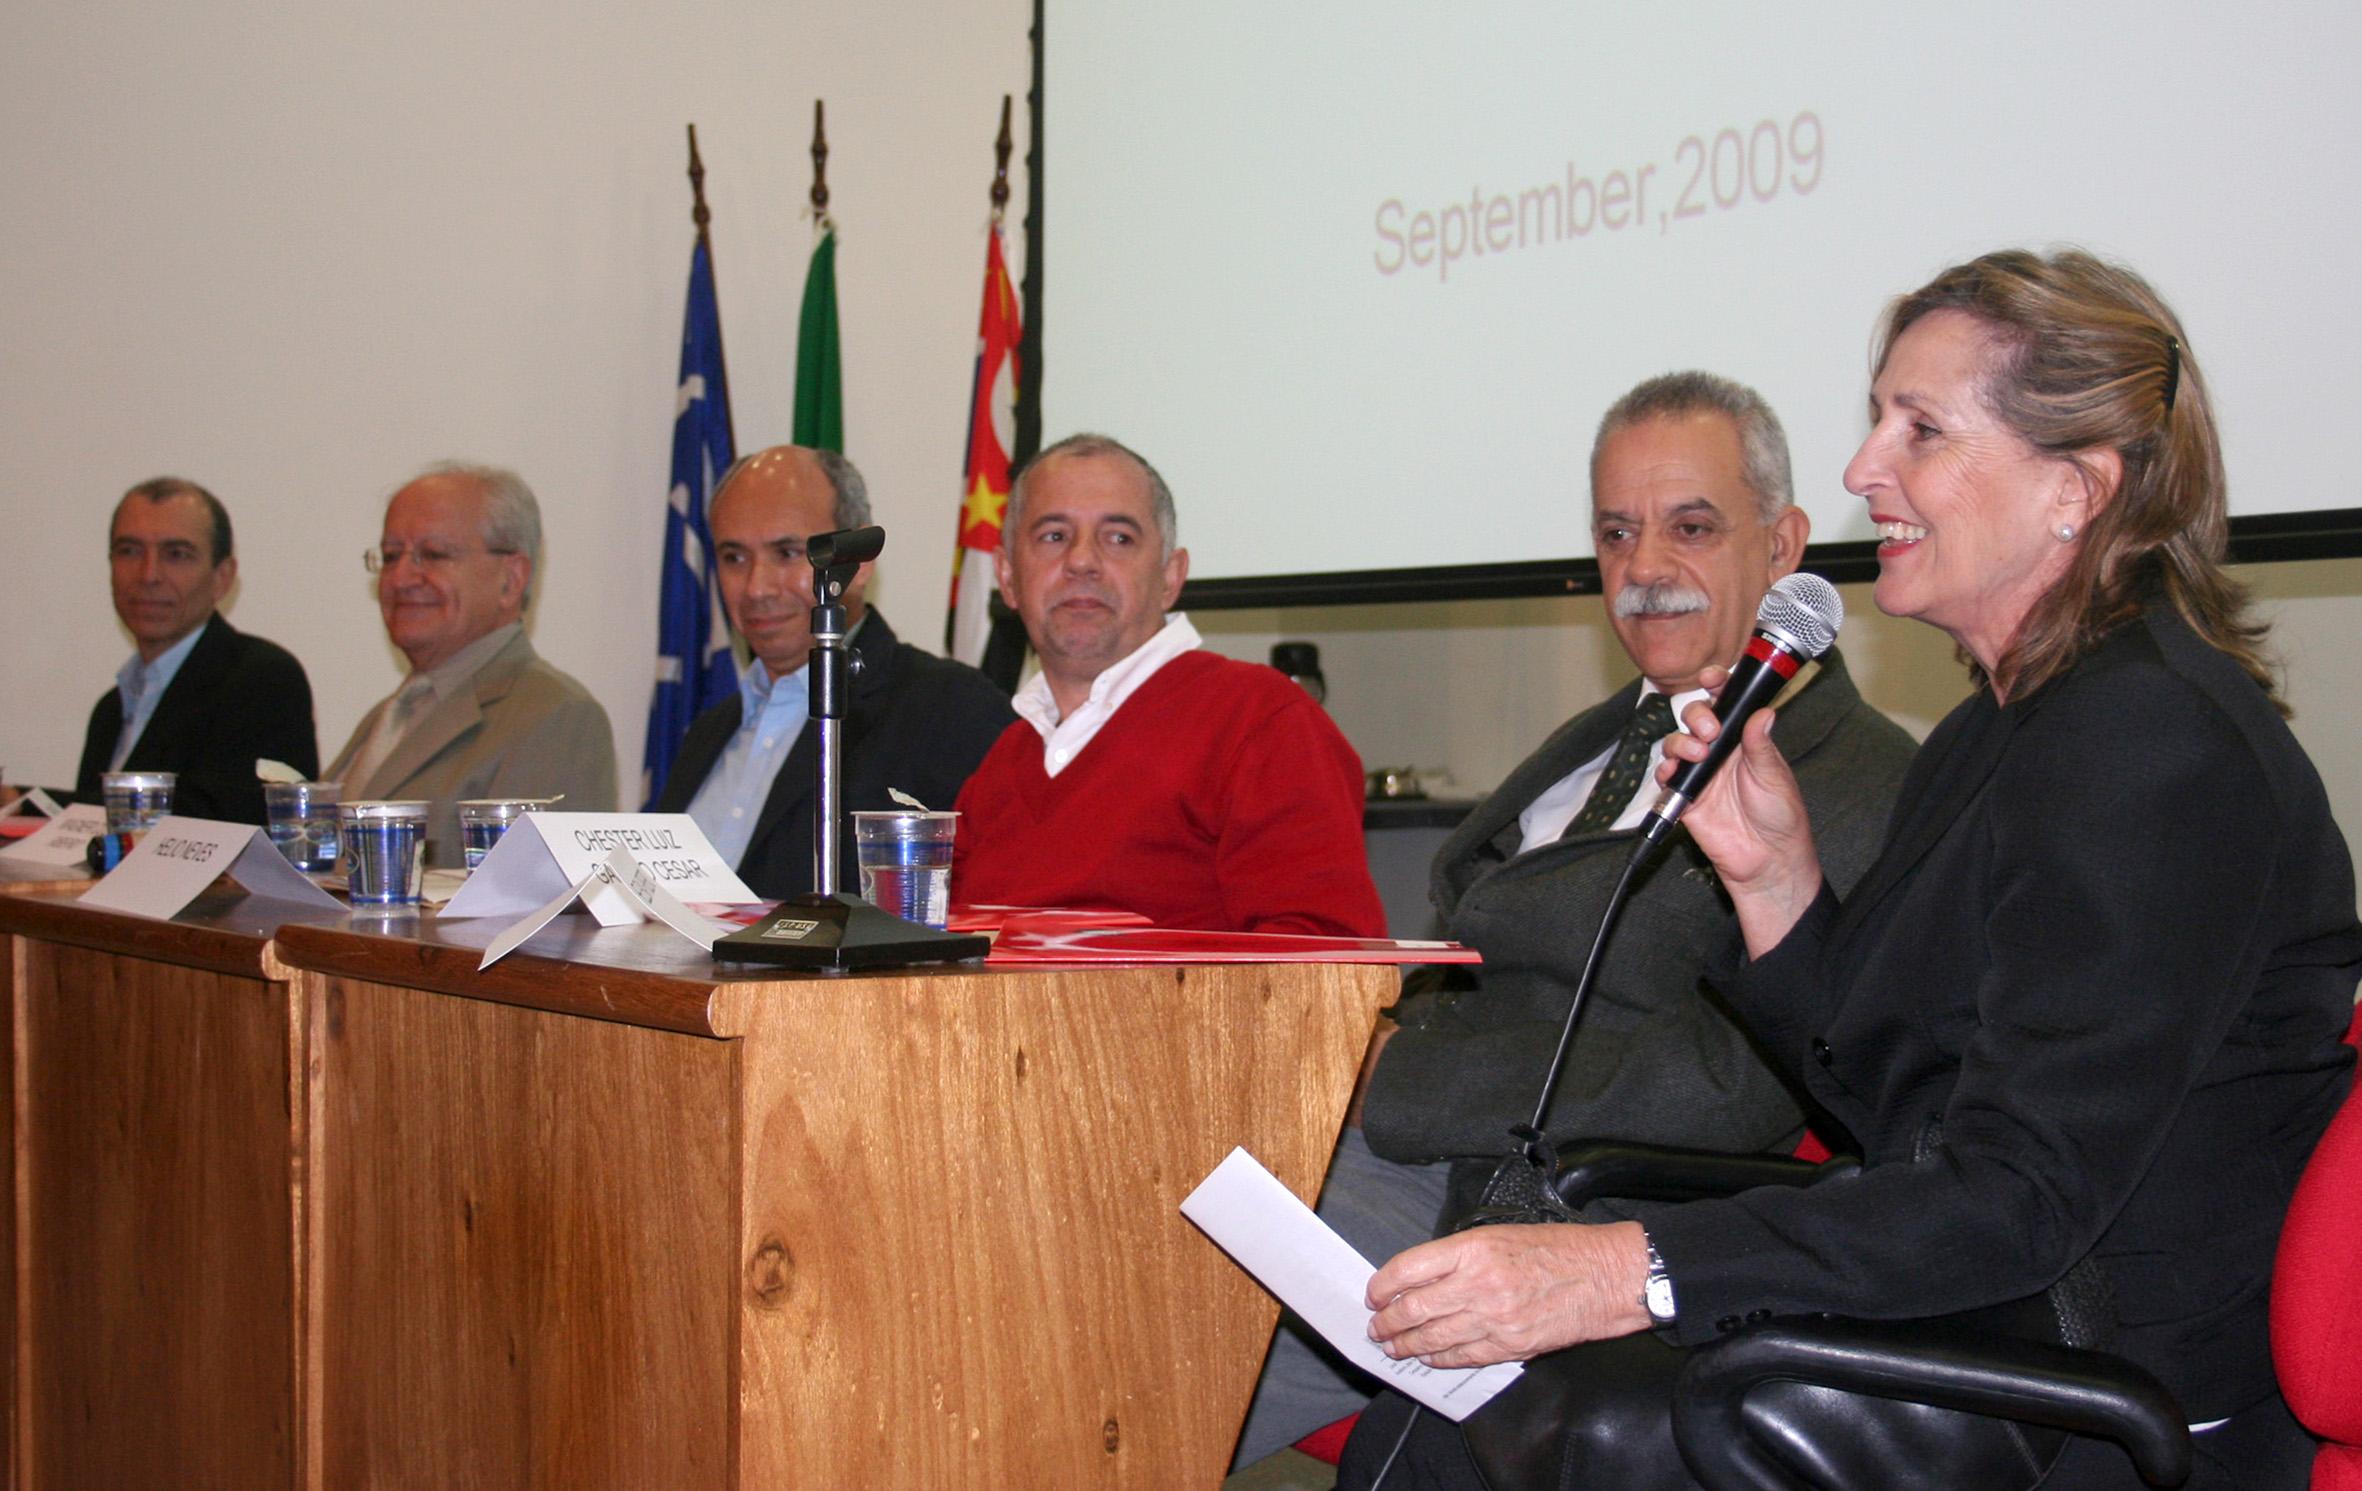 Rodrigo César de Araújo Cunha, César Ades, Wagner Costa Ribeiro, Helio Neves, Chester Luiz Galvão Cesar e Helena Ribeiro